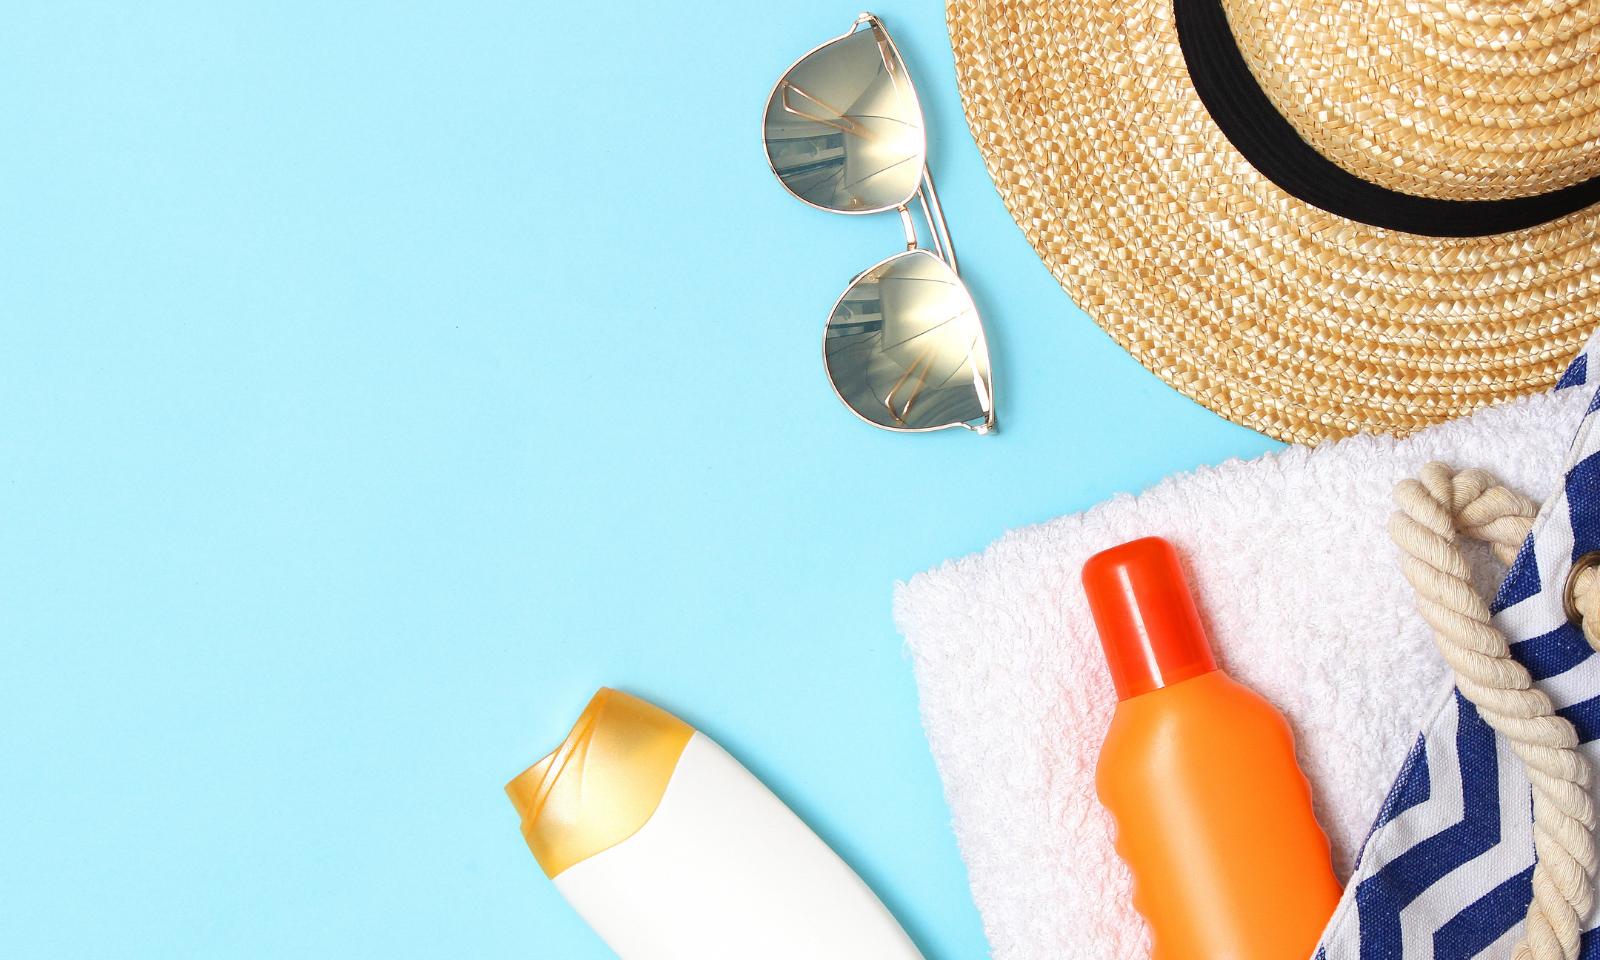 Protetor Solar: O Must Have de Qualquer Verão